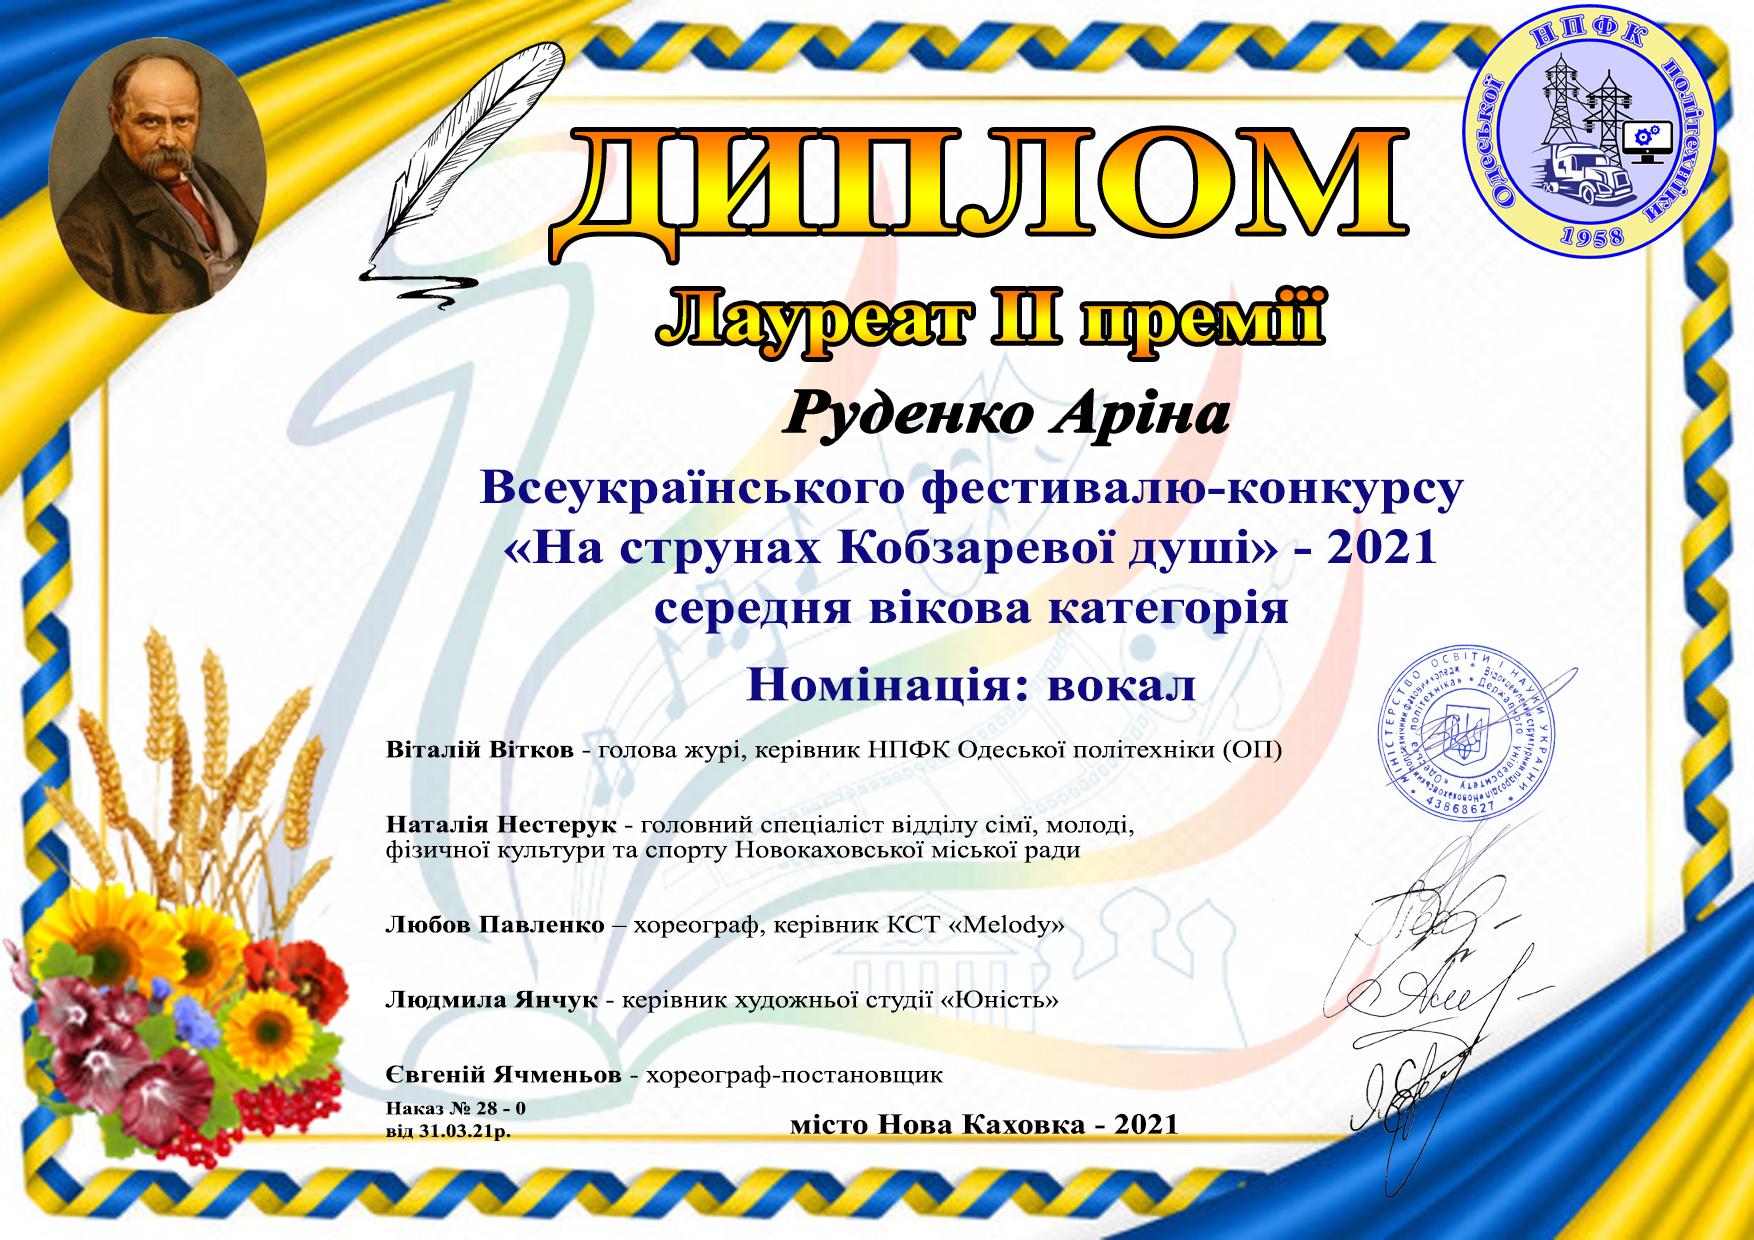 Фестиваль-конкурс «На струнах Кобзаревої душі»